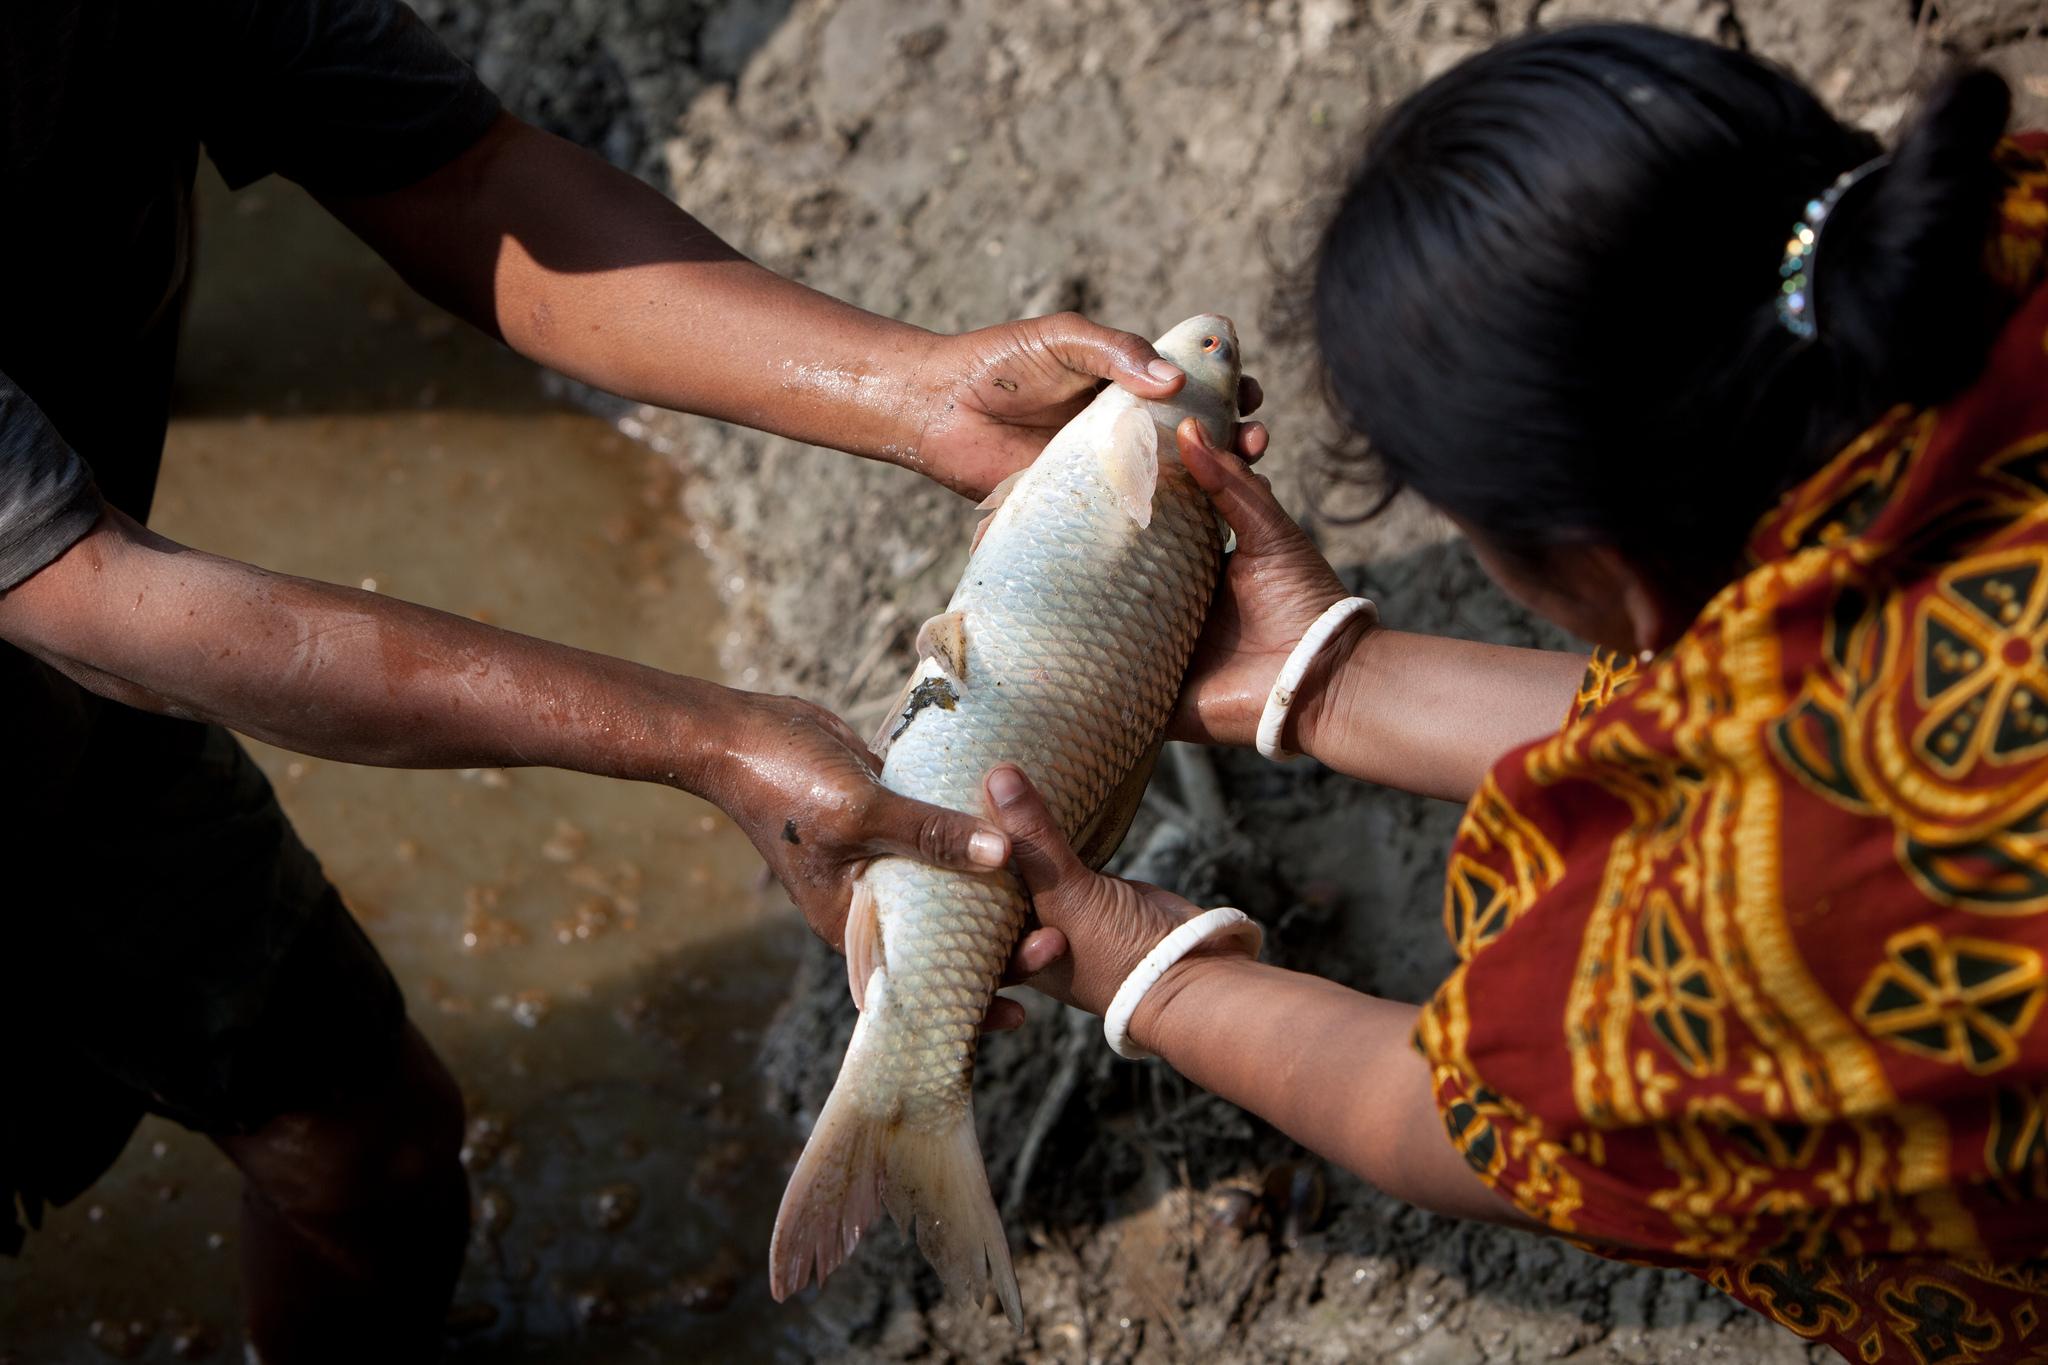 A Bangladeshi woman holding a fish